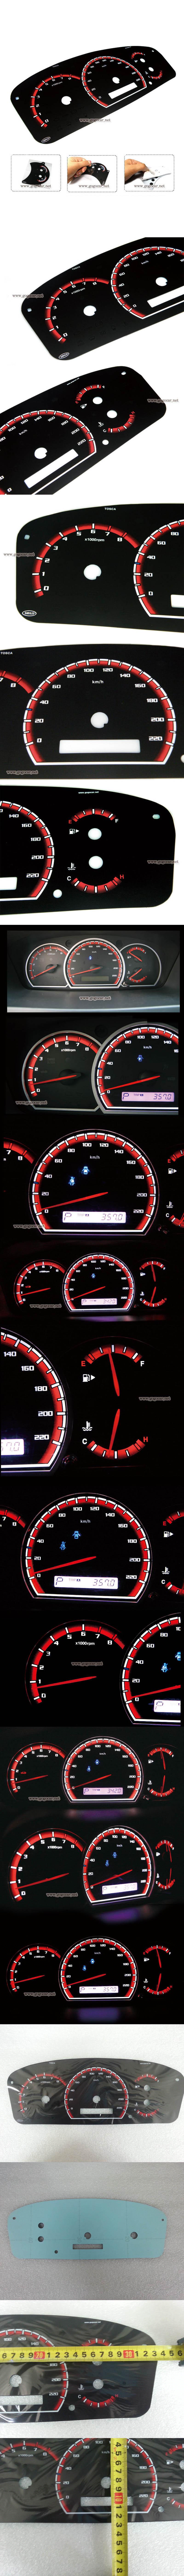 SMD3528 Chip 56ea LED Gauge Cluster DIY White For Universal Car Fit